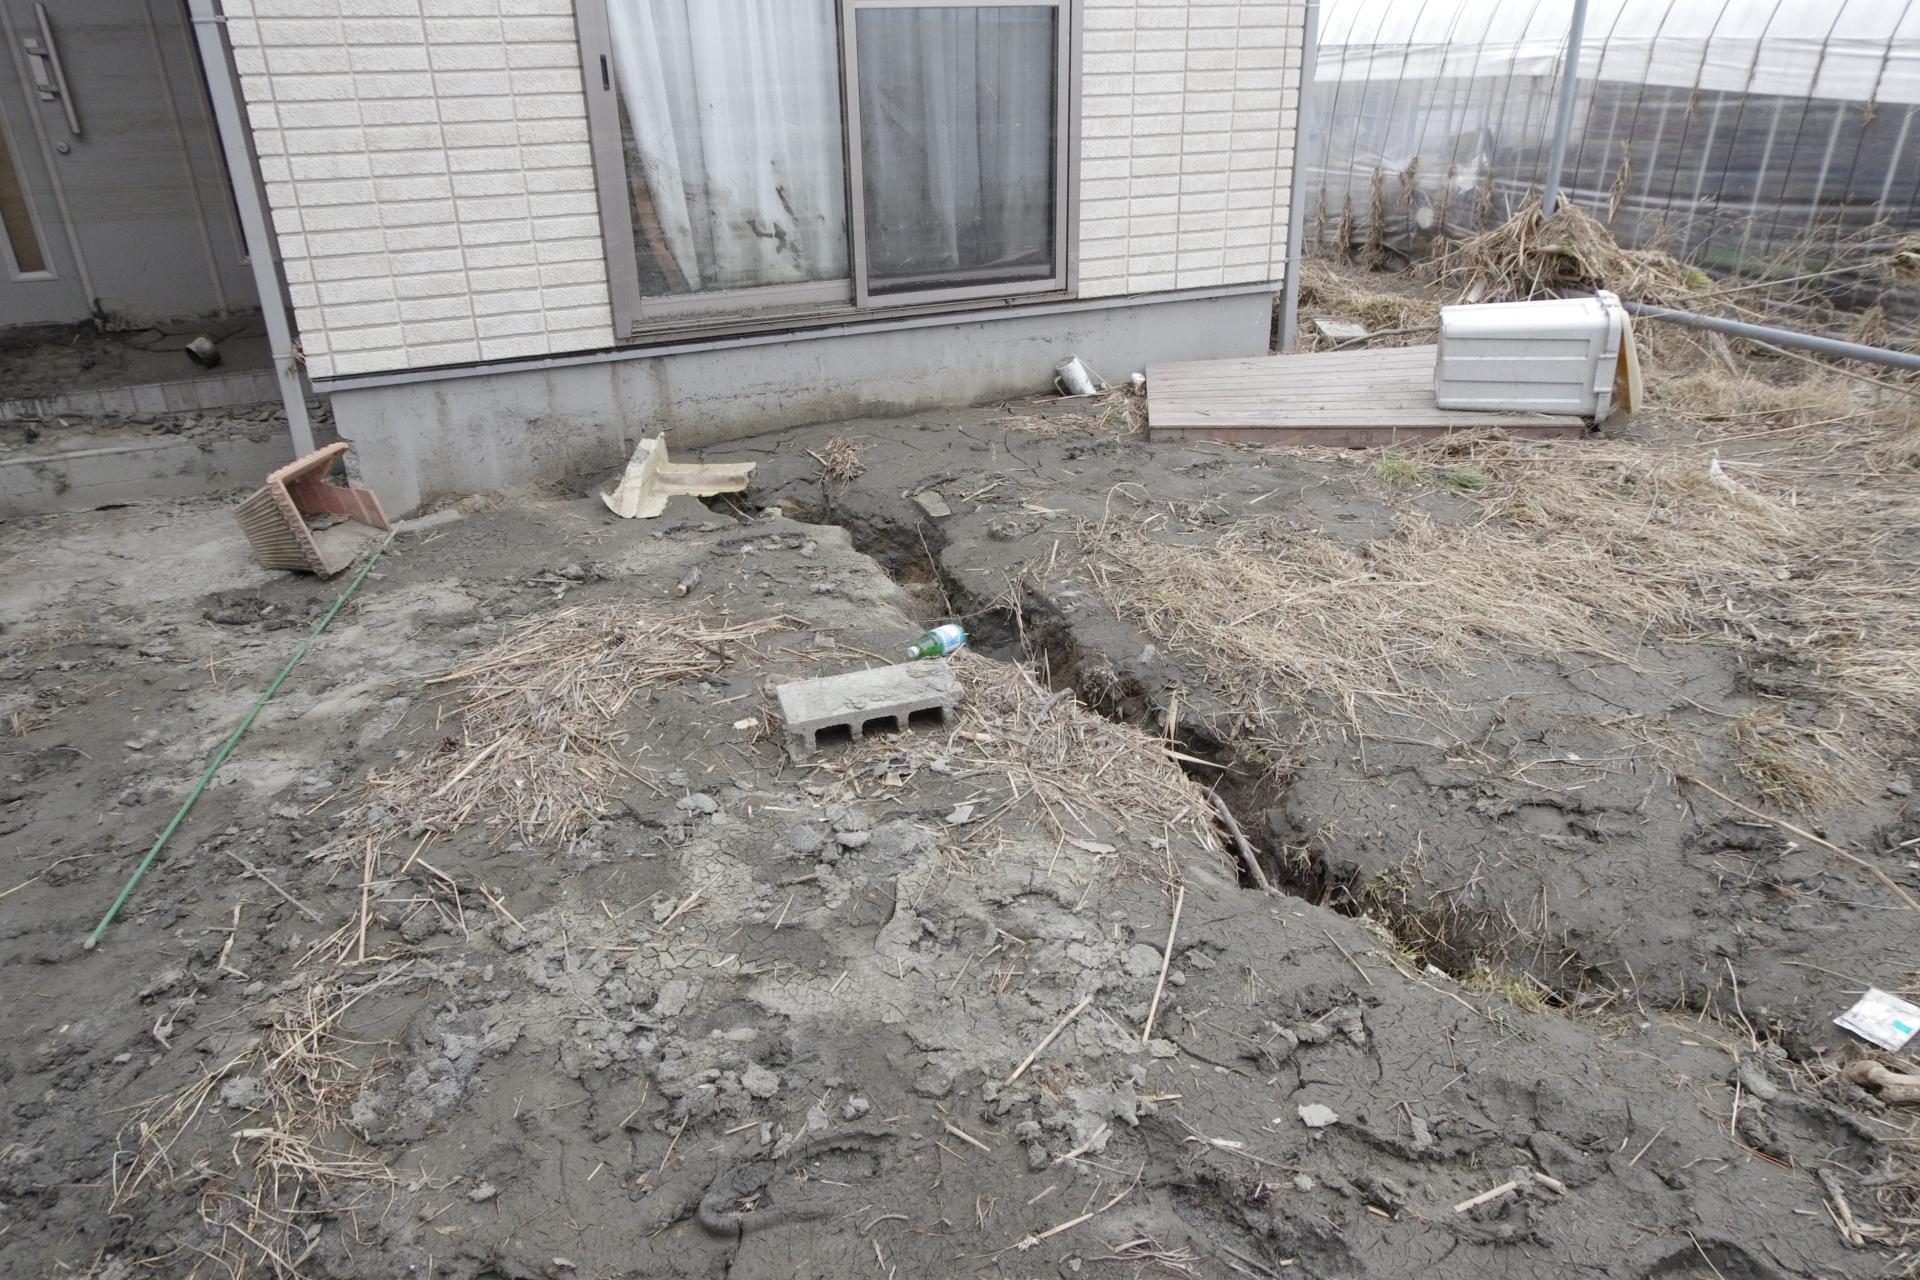 3.11~東日本大震災から9年 見えてきた課題と今後の備え<前編>